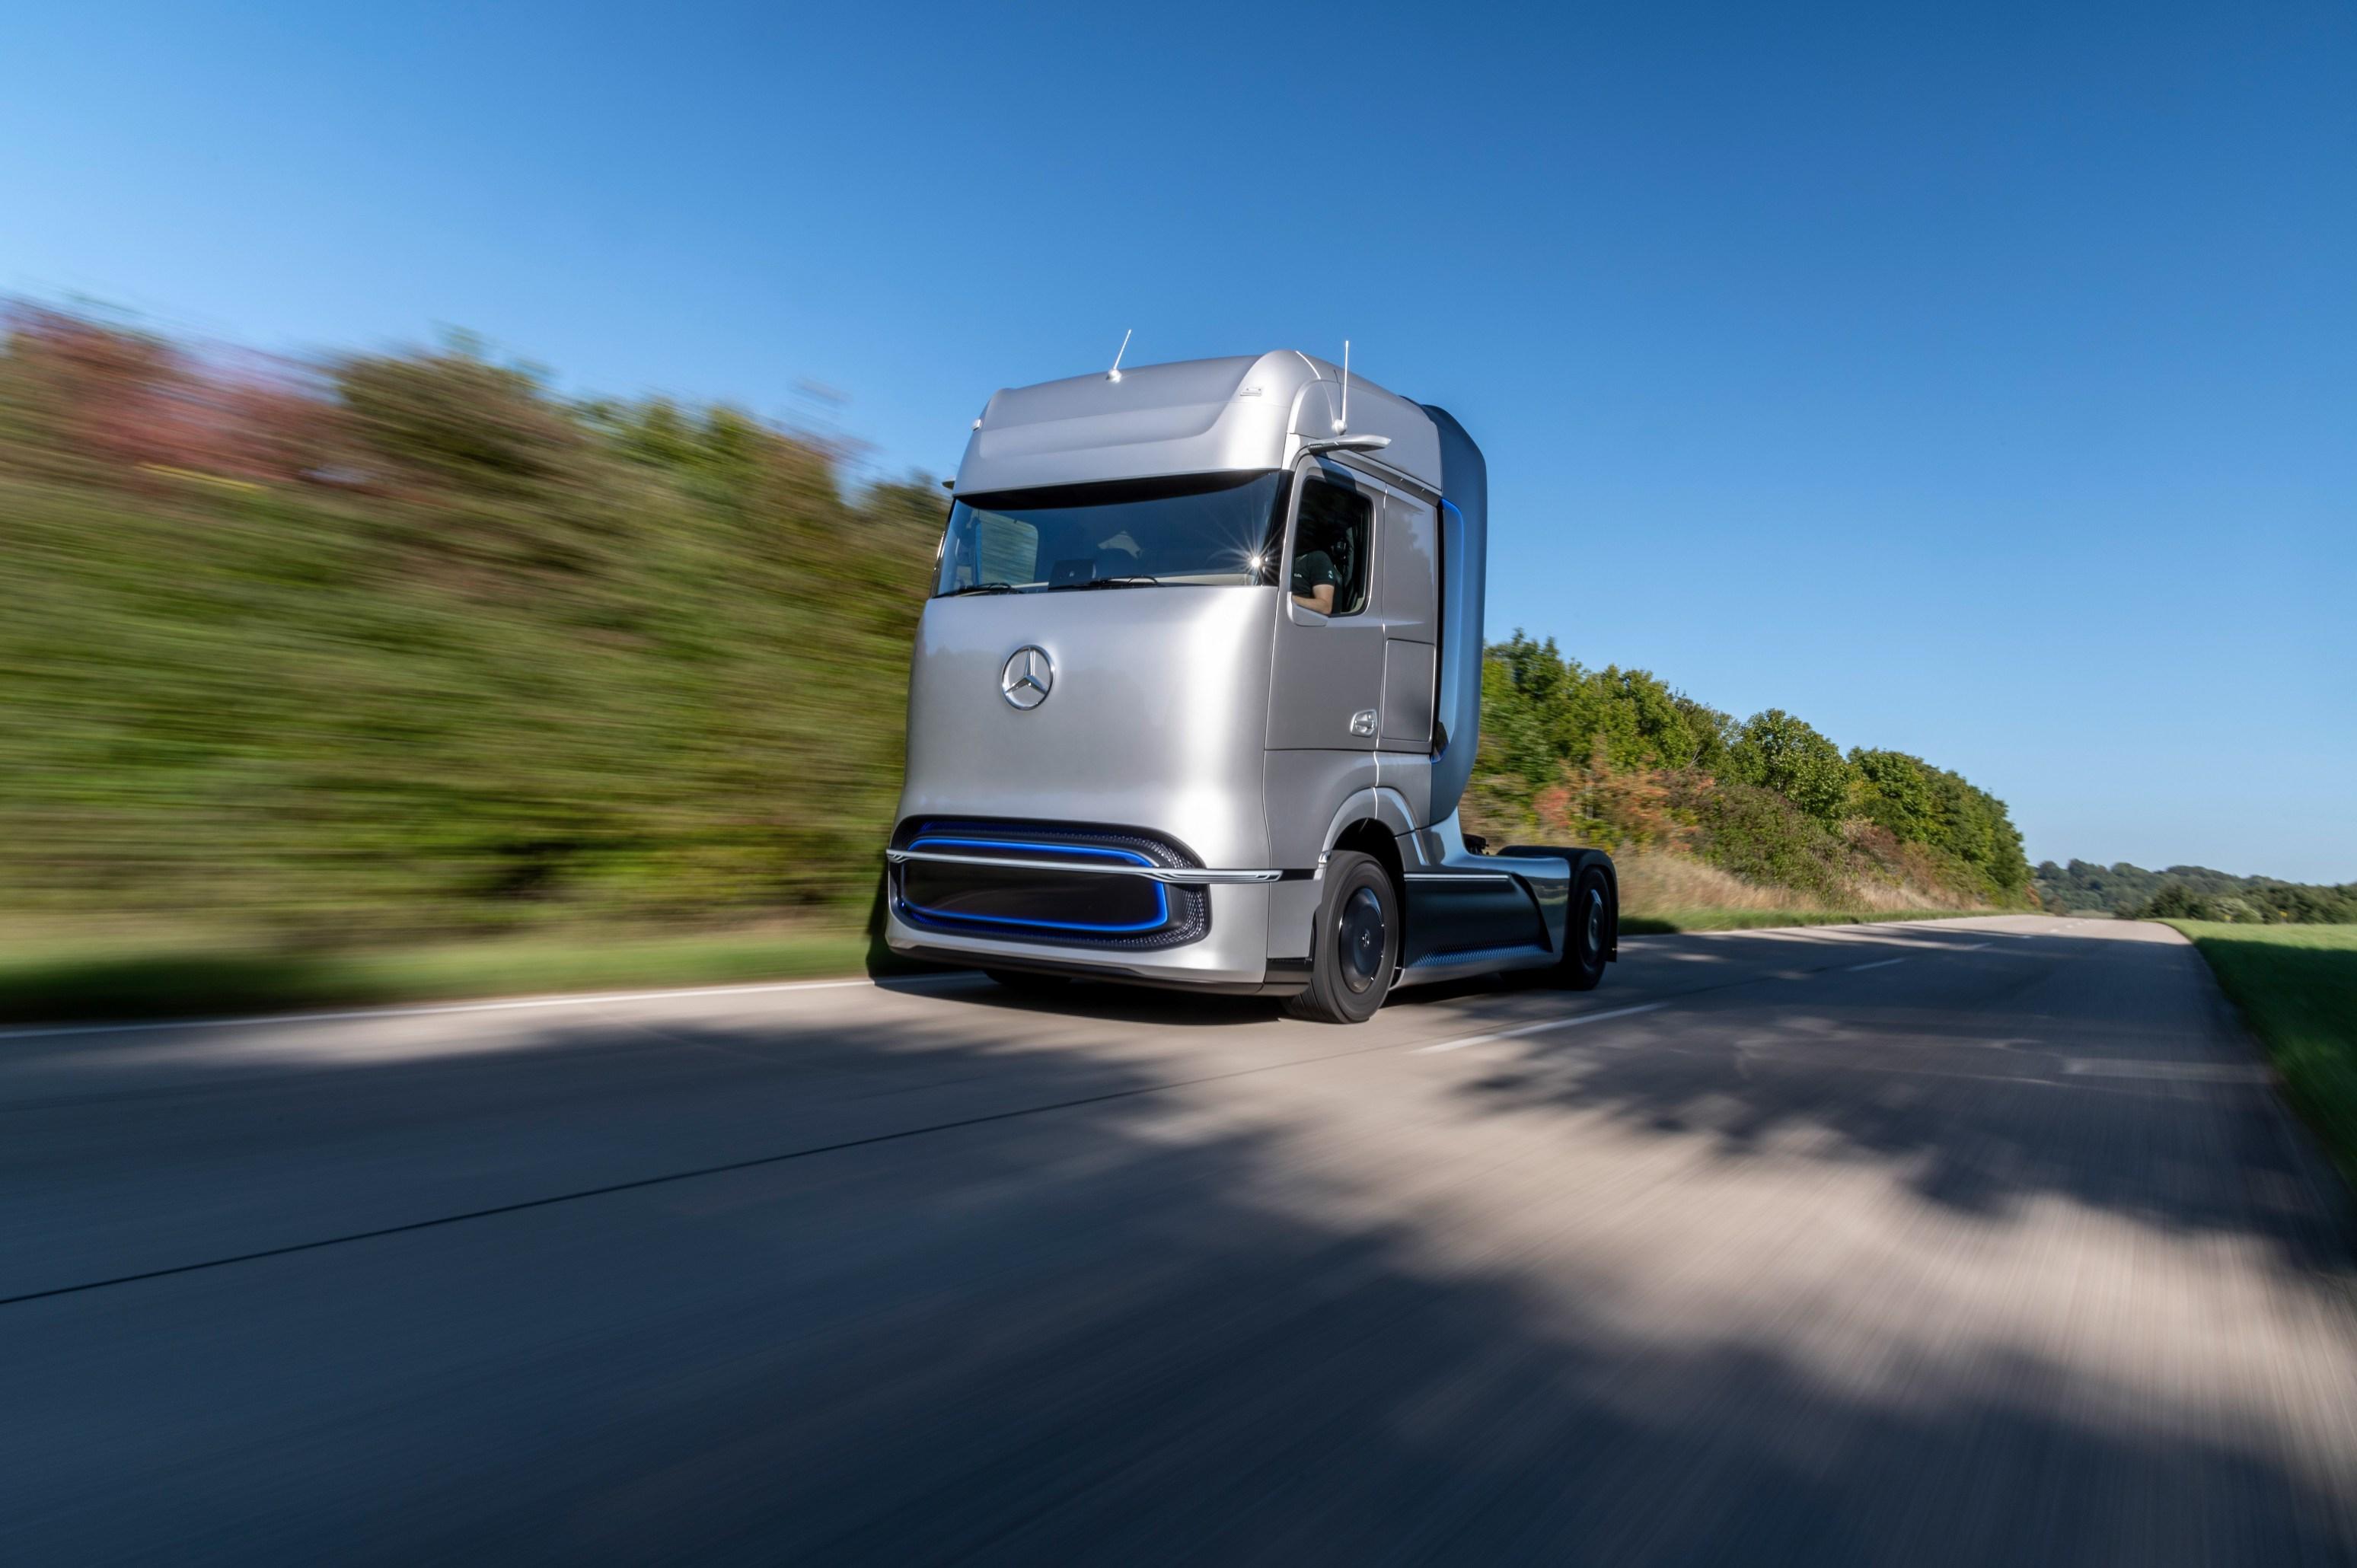 续航超1000km 奔驰全新氢燃料卡车全球首发